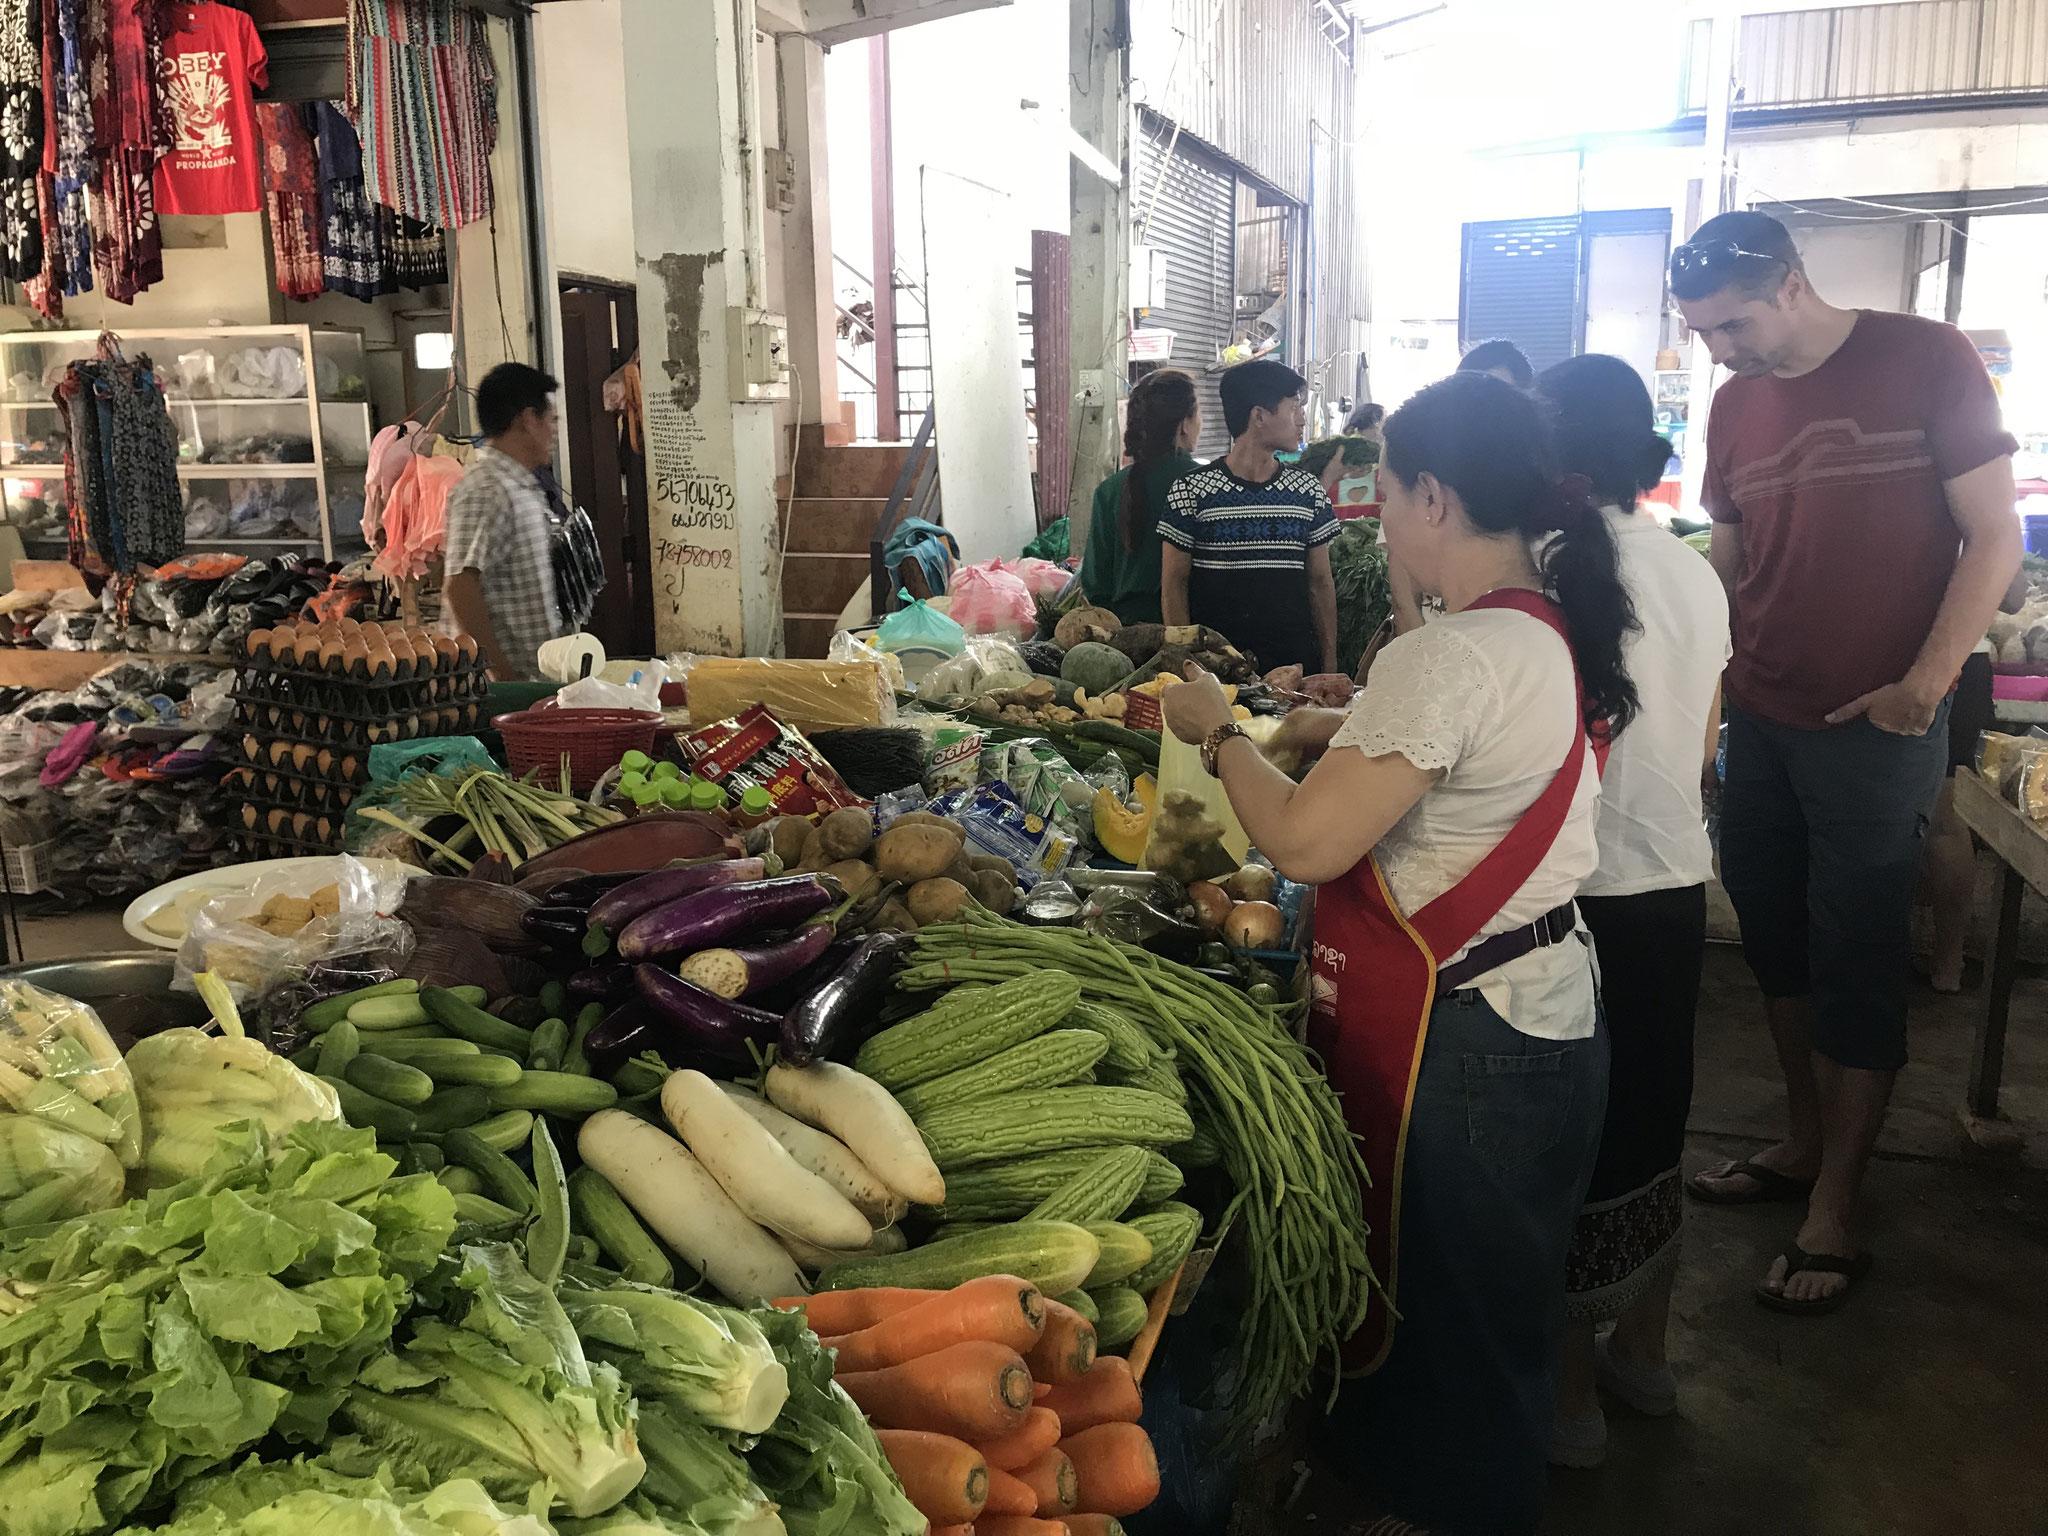 Einkaufen für den Kurs, Madame Phasouk erklärt uns die Zutaten